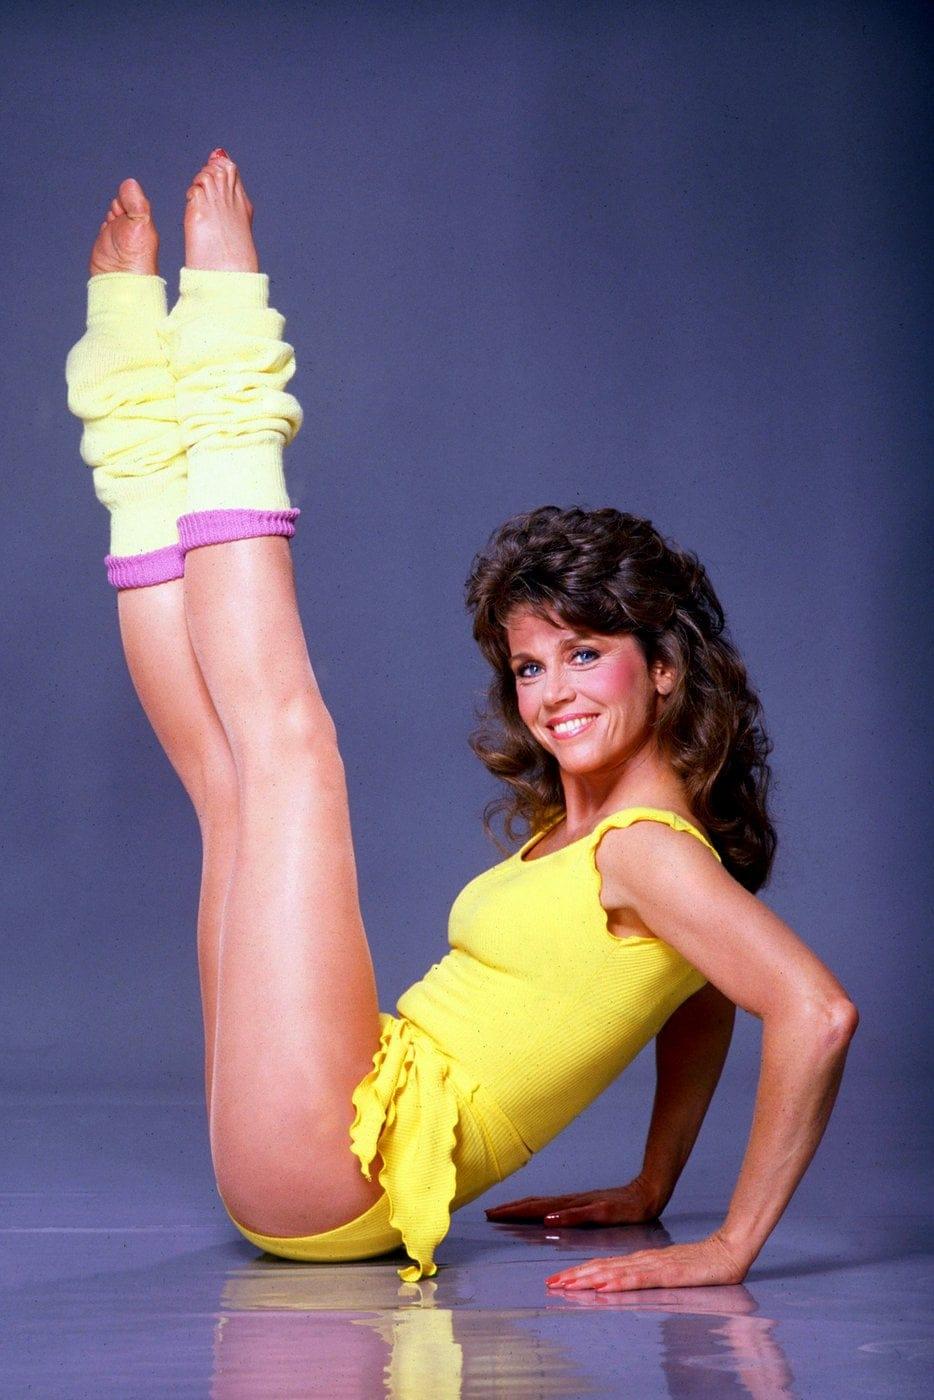 Jane Fonda workout - in leg warmers